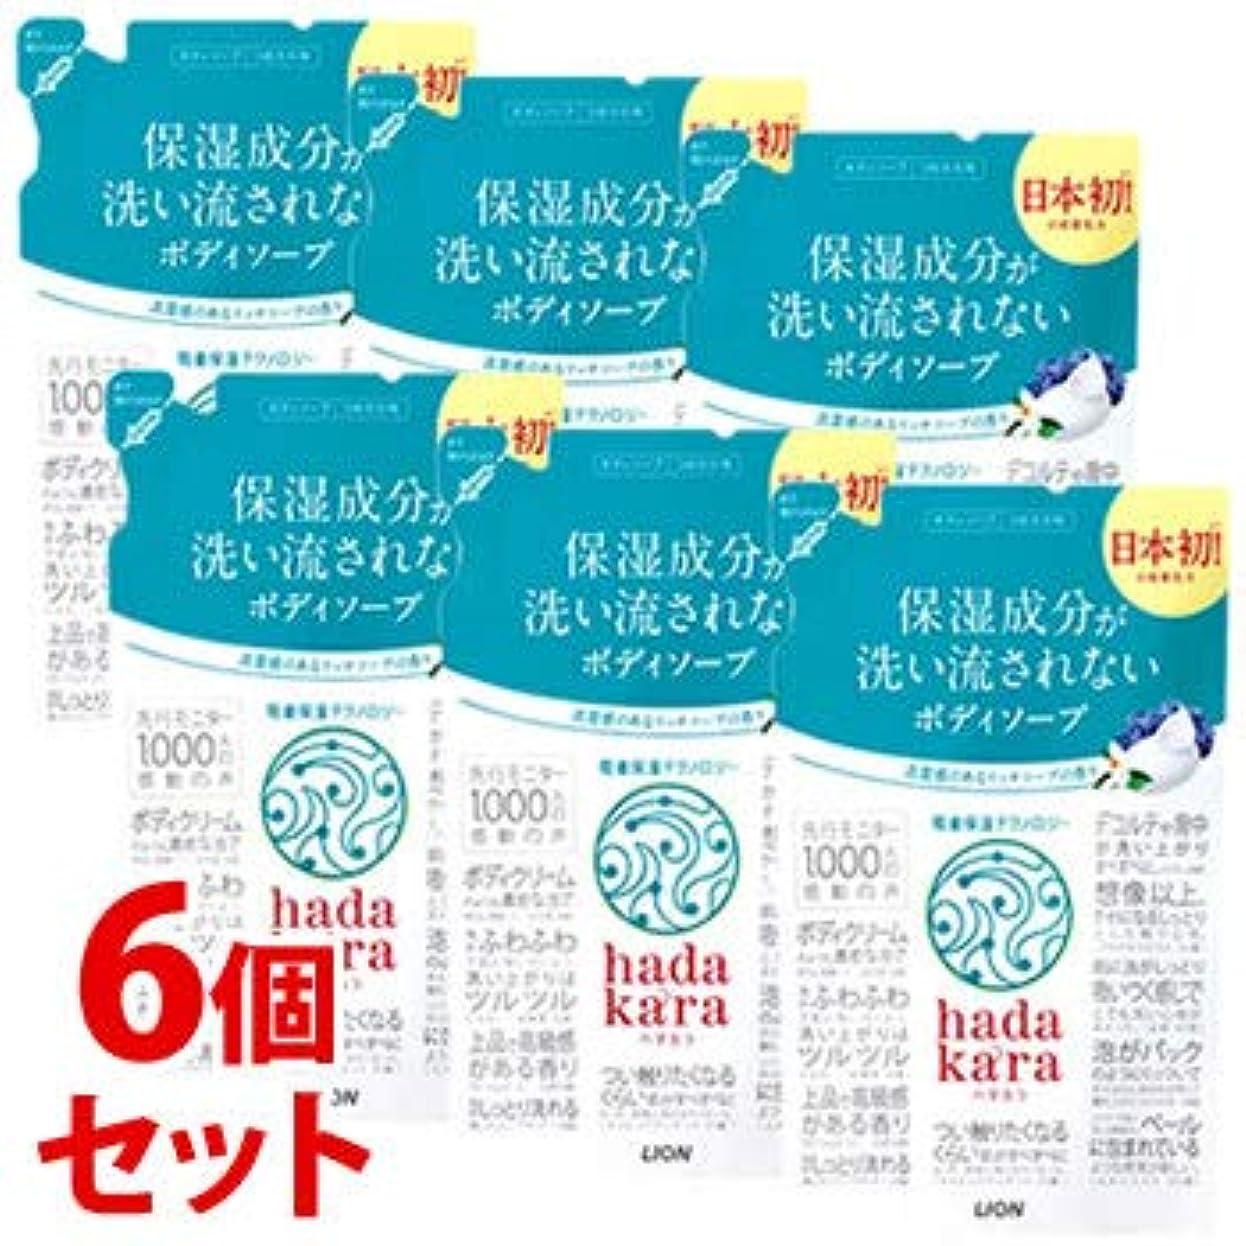 ハイジャック蒸気を散らす《セット販売》 ライオン ハダカラ hadakara ボディソープ リッチソープの香り つめかえ用 (360mL)×6個セット 詰め替え用